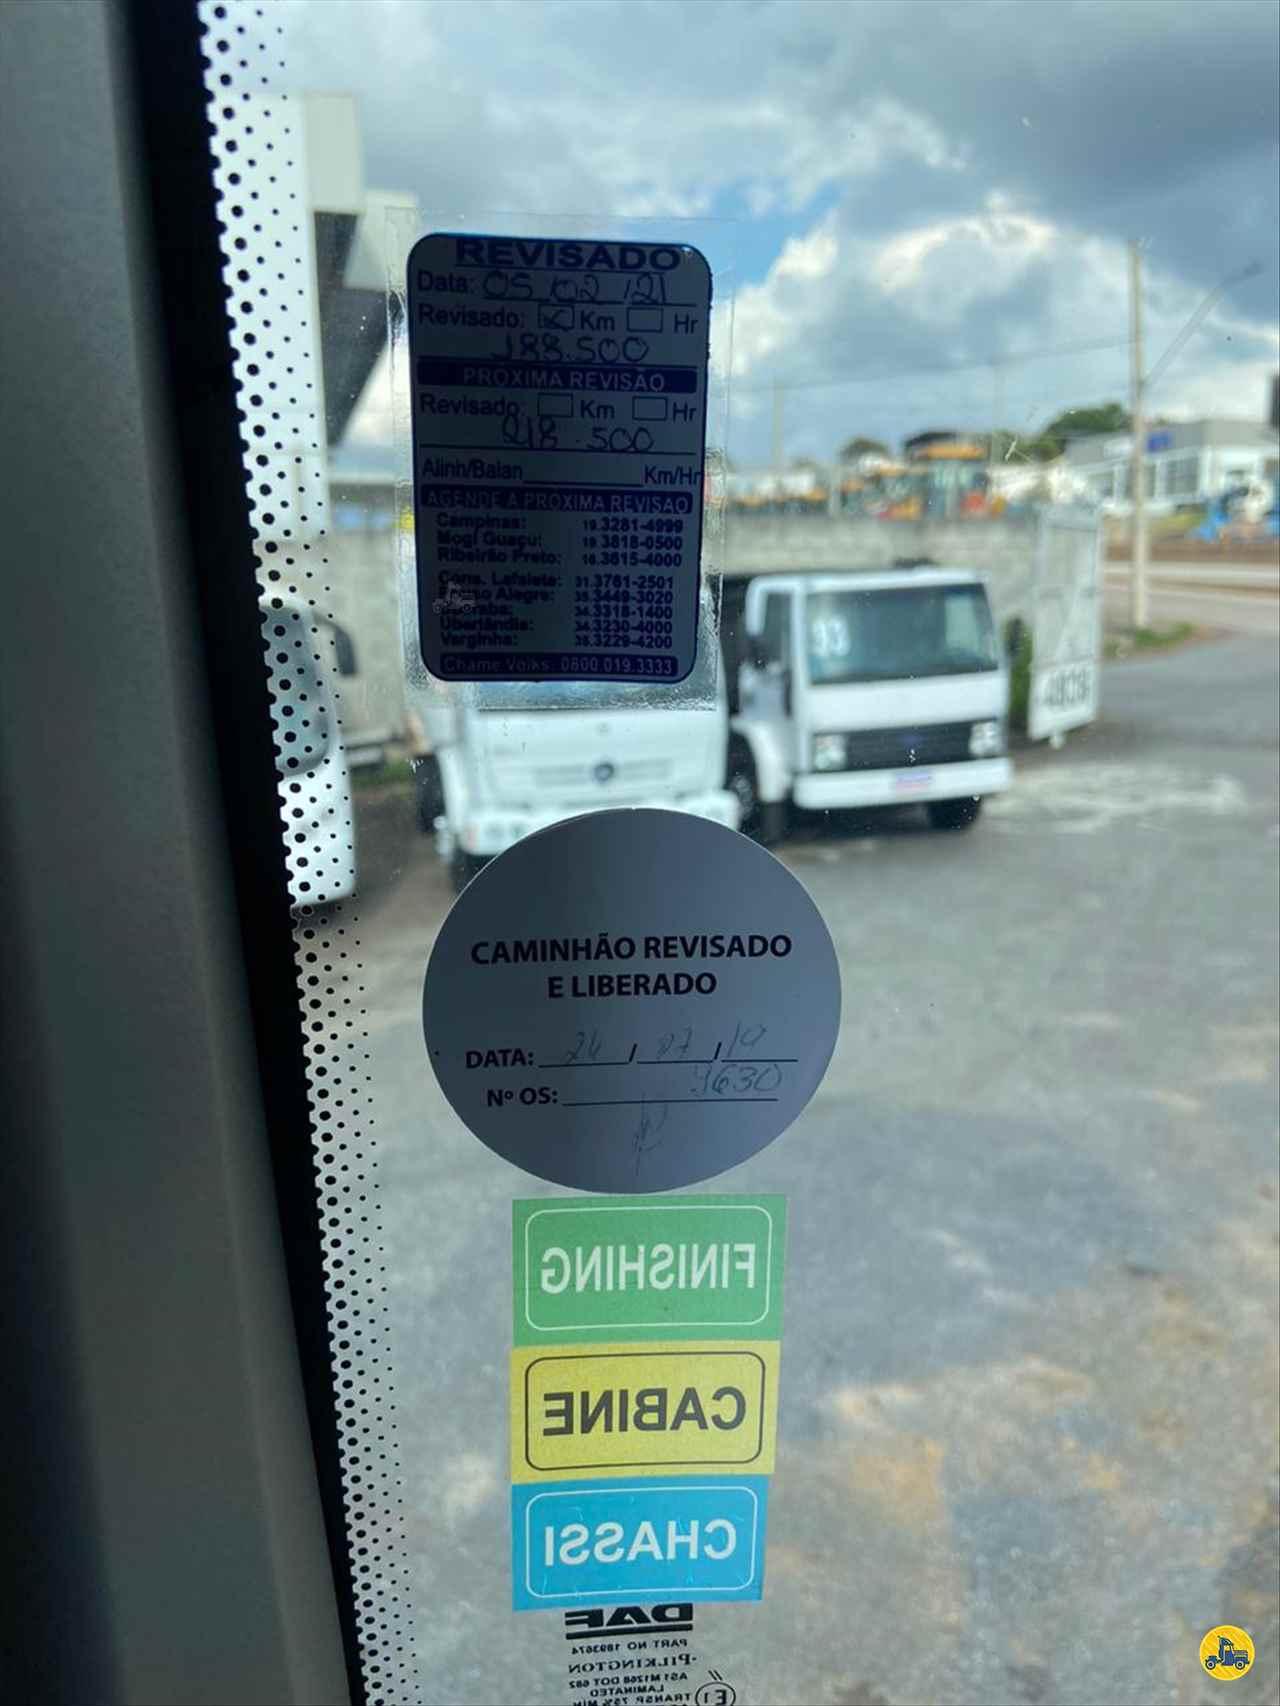 DAF DAF XF105 460 189000km 2019/2019 Gegê Caminhões